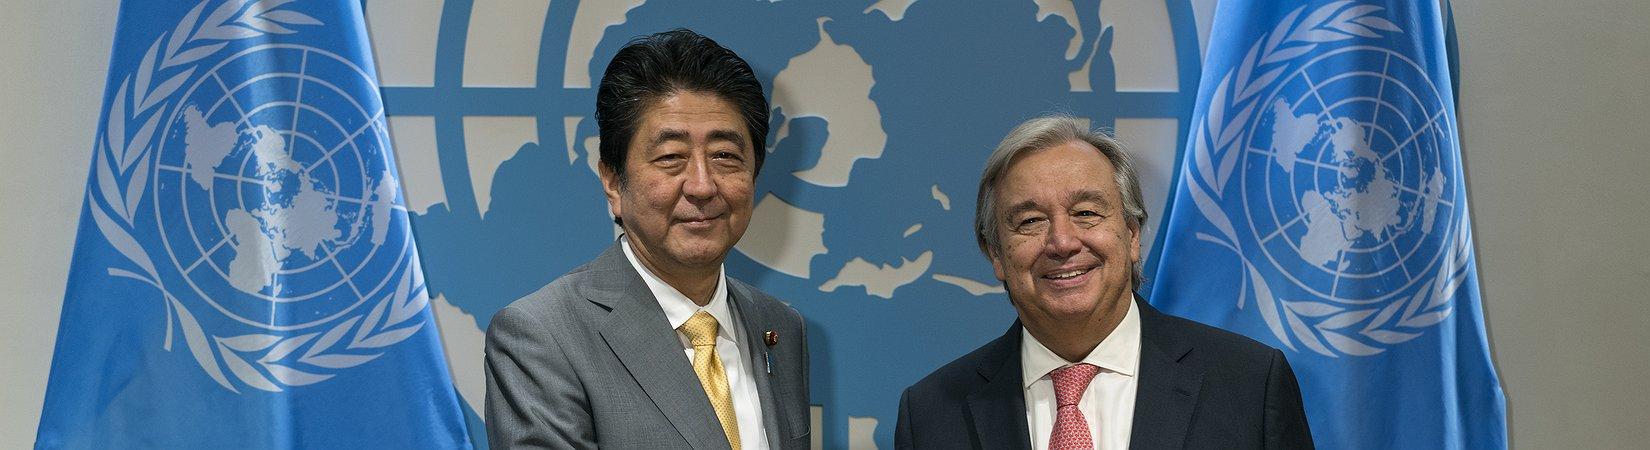 António Guterres, secretário-geral das Nações Unidas, visita Tóquio